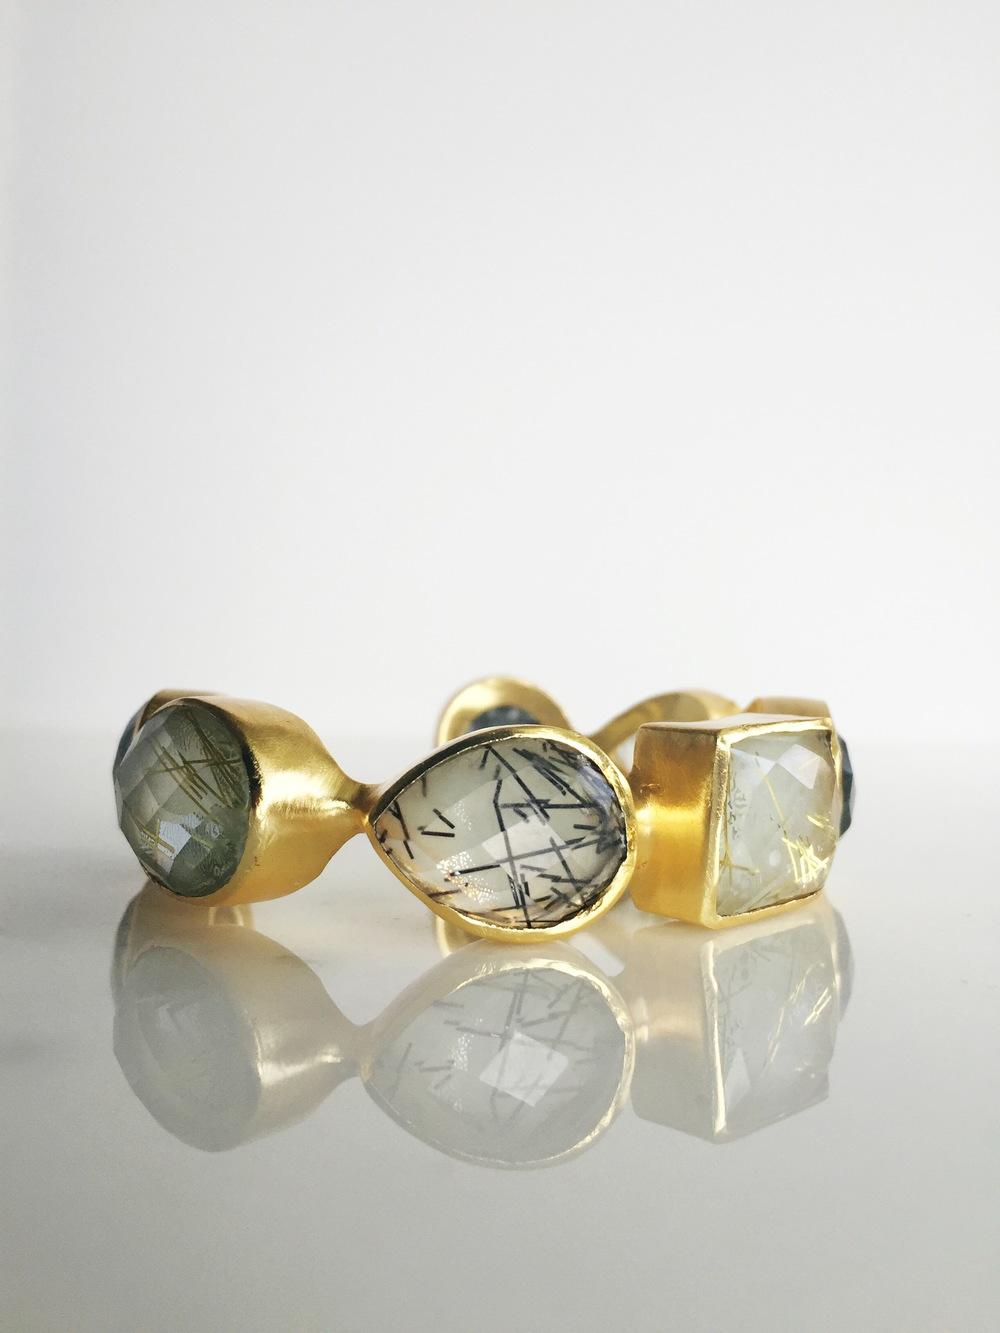 Ruitilated quartz + gold